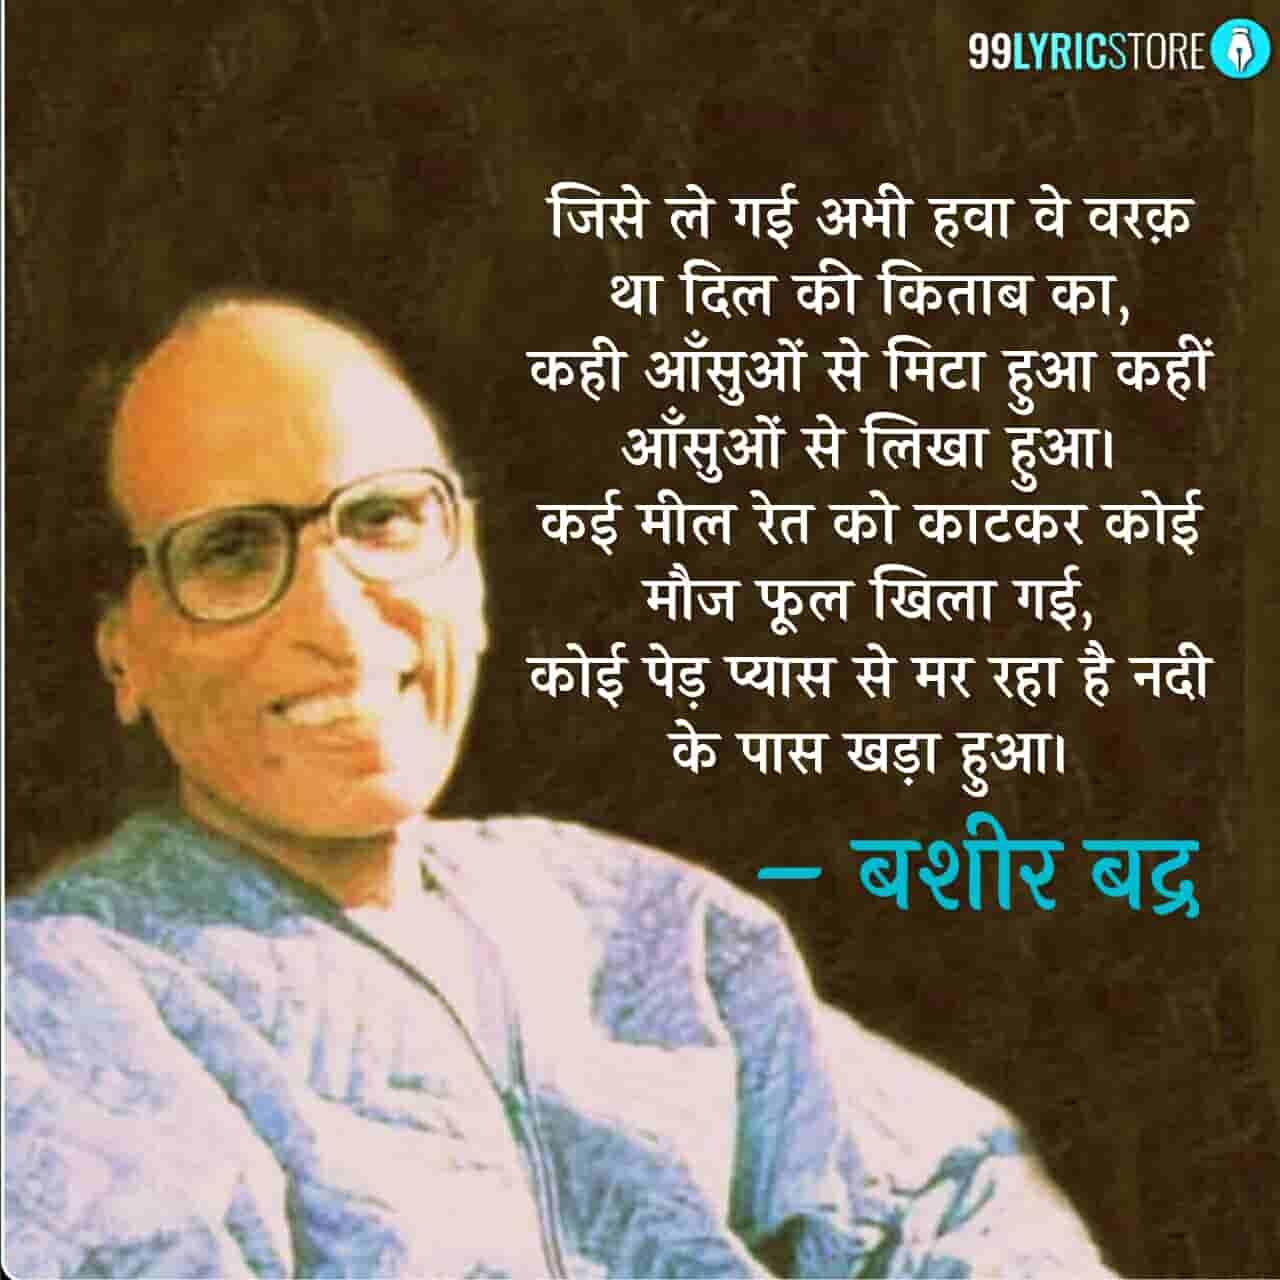 This beautiful ghazal 'Koi Phool Dhoop Ki Pattiyon Mein' has written by Bashir Badr.